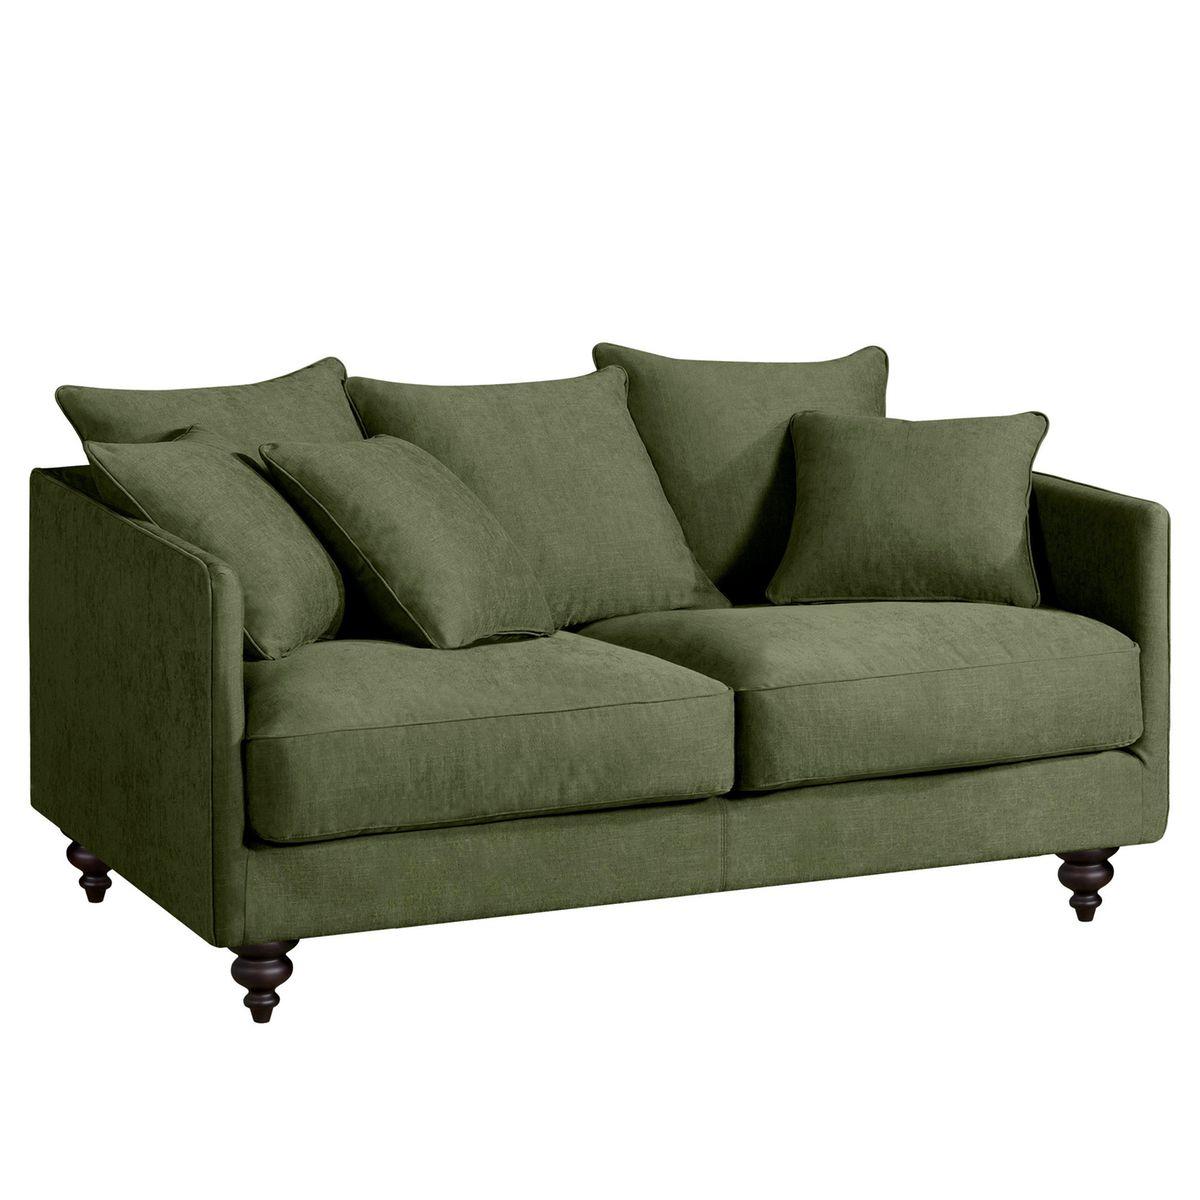 canap convertible vert maison et mobilier d 39 int rieur. Black Bedroom Furniture Sets. Home Design Ideas